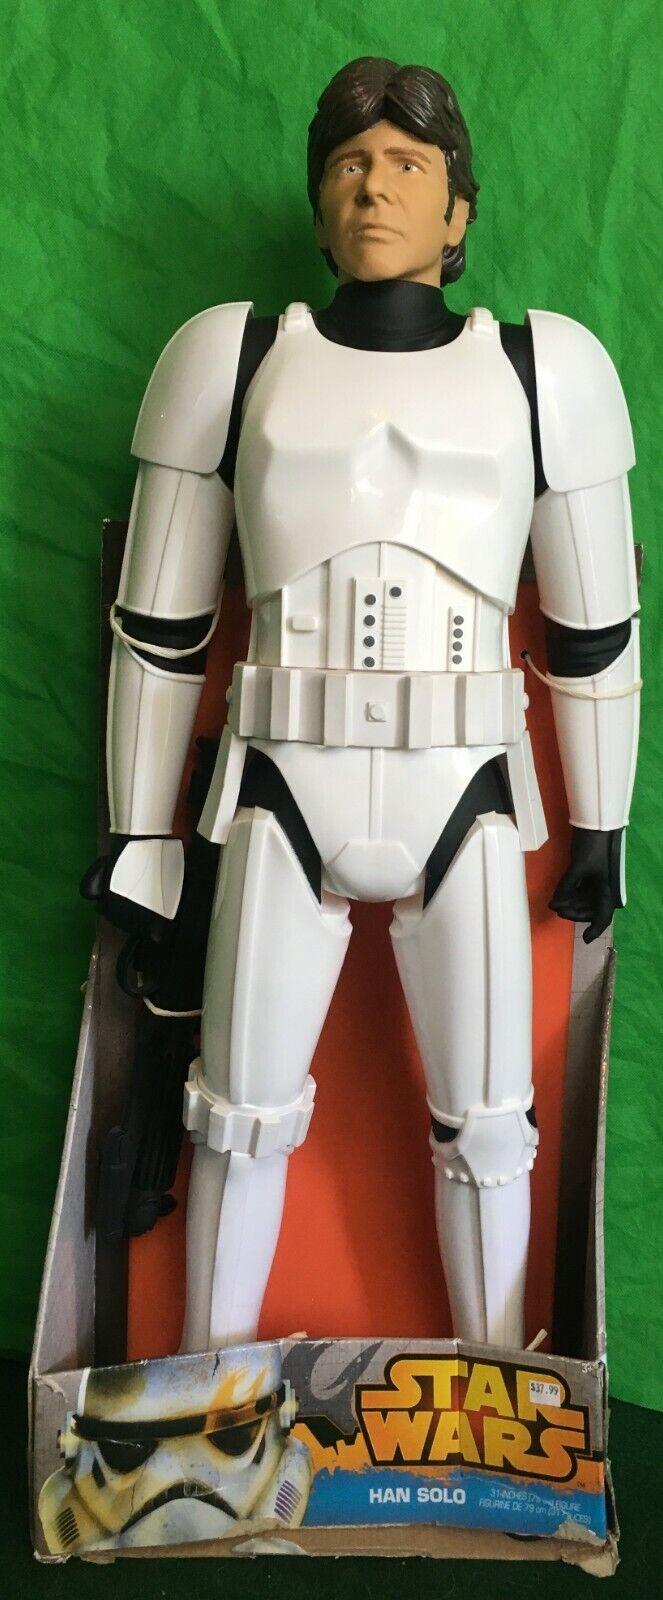 Han Solo (Estrella Wars) 31  figura JAKKS PACFIC UPC   039897782423, Raro Error, Nuevo En Caja